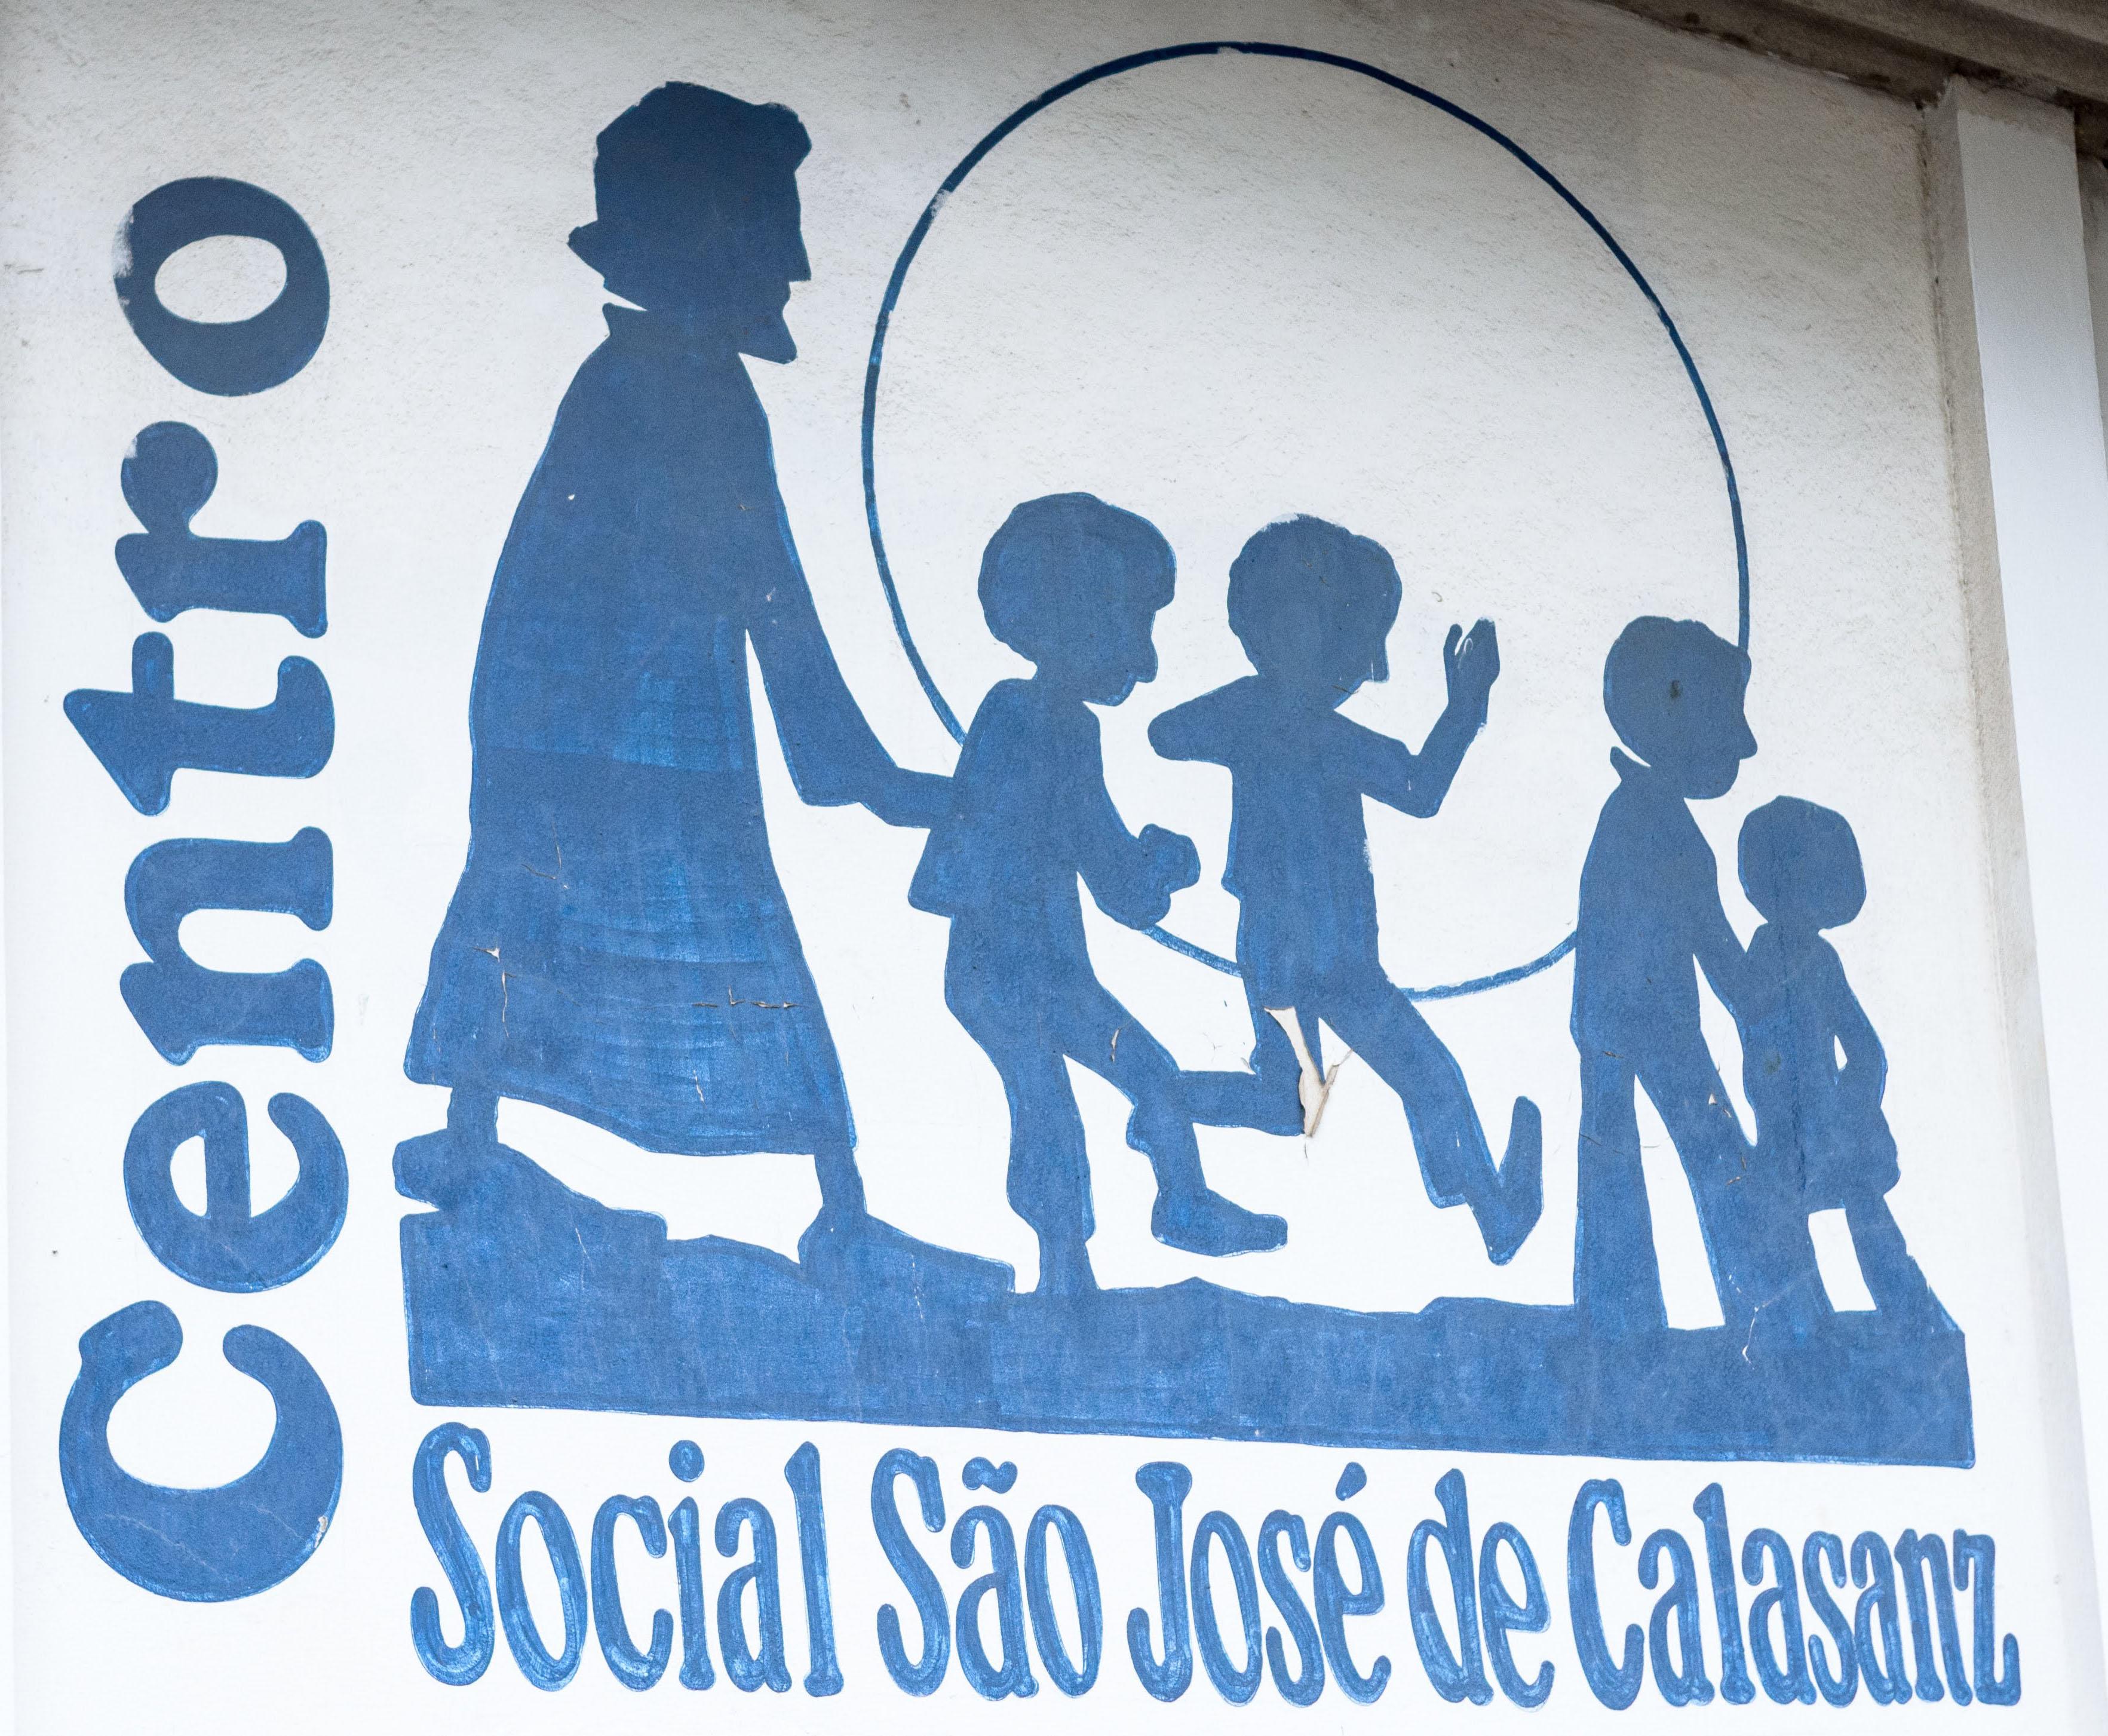 Centro Calasanz